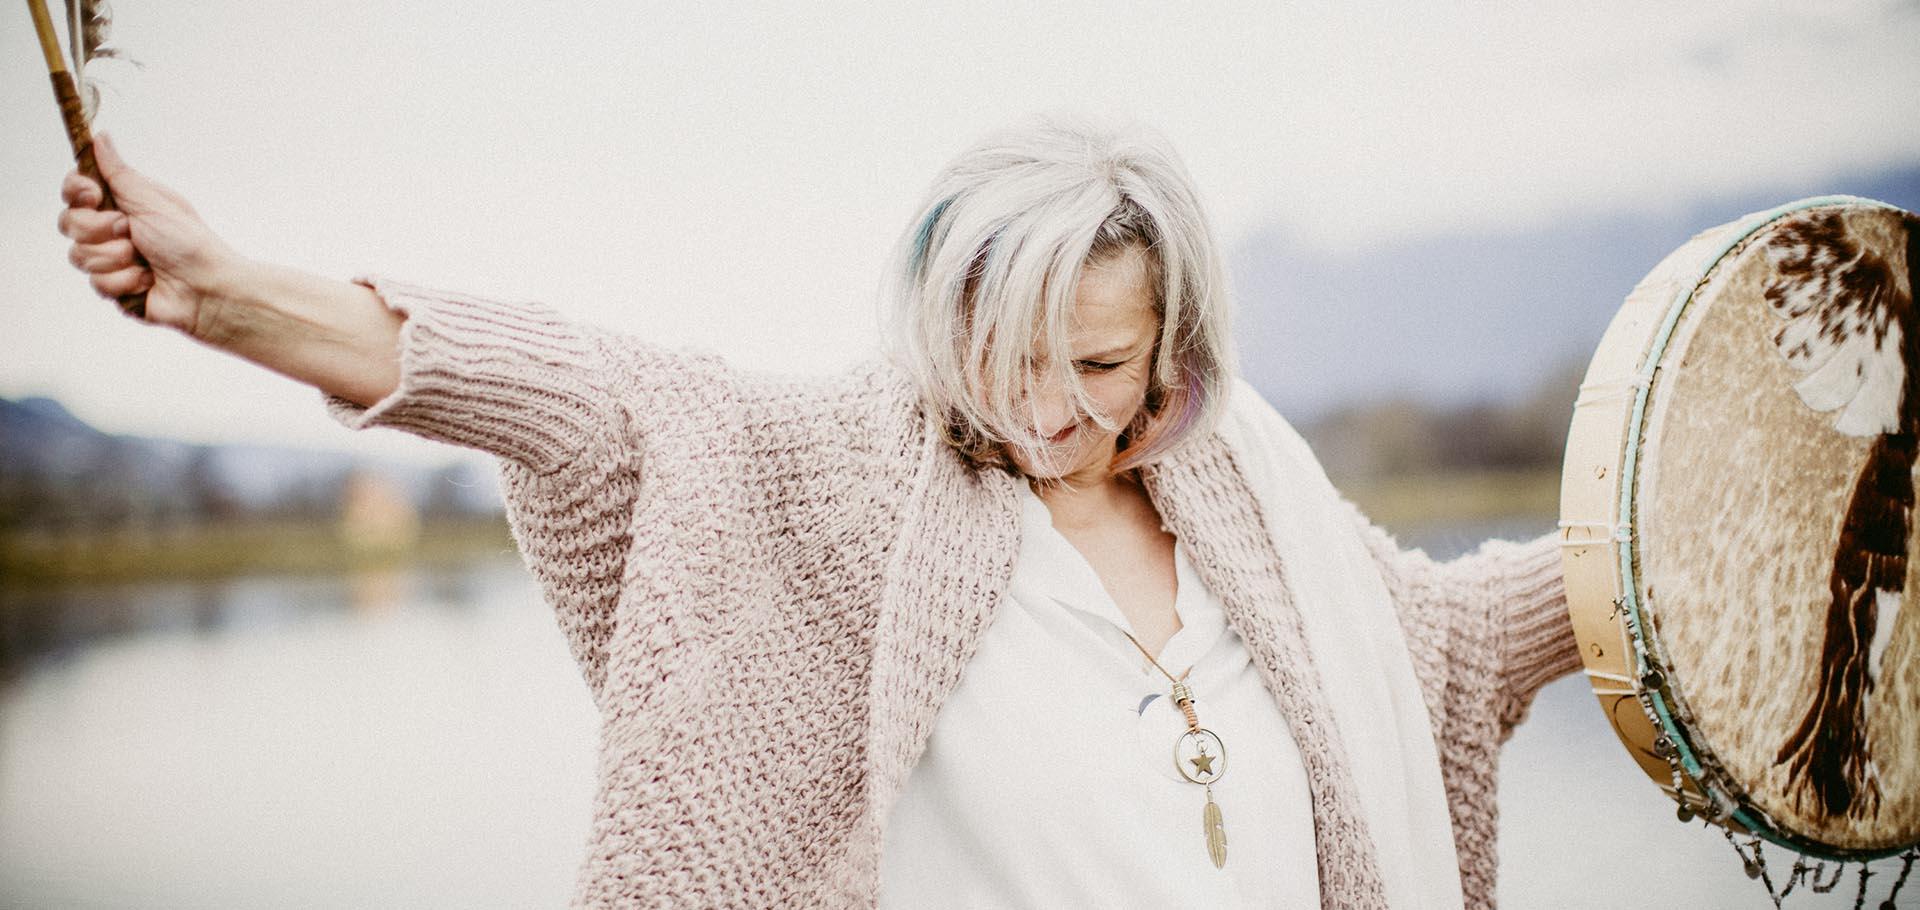 Vayana - einfach sein - Josefine Pfeifhofer tanzt mit ihrer Trommel zu rhythmischen Klängen im Freien